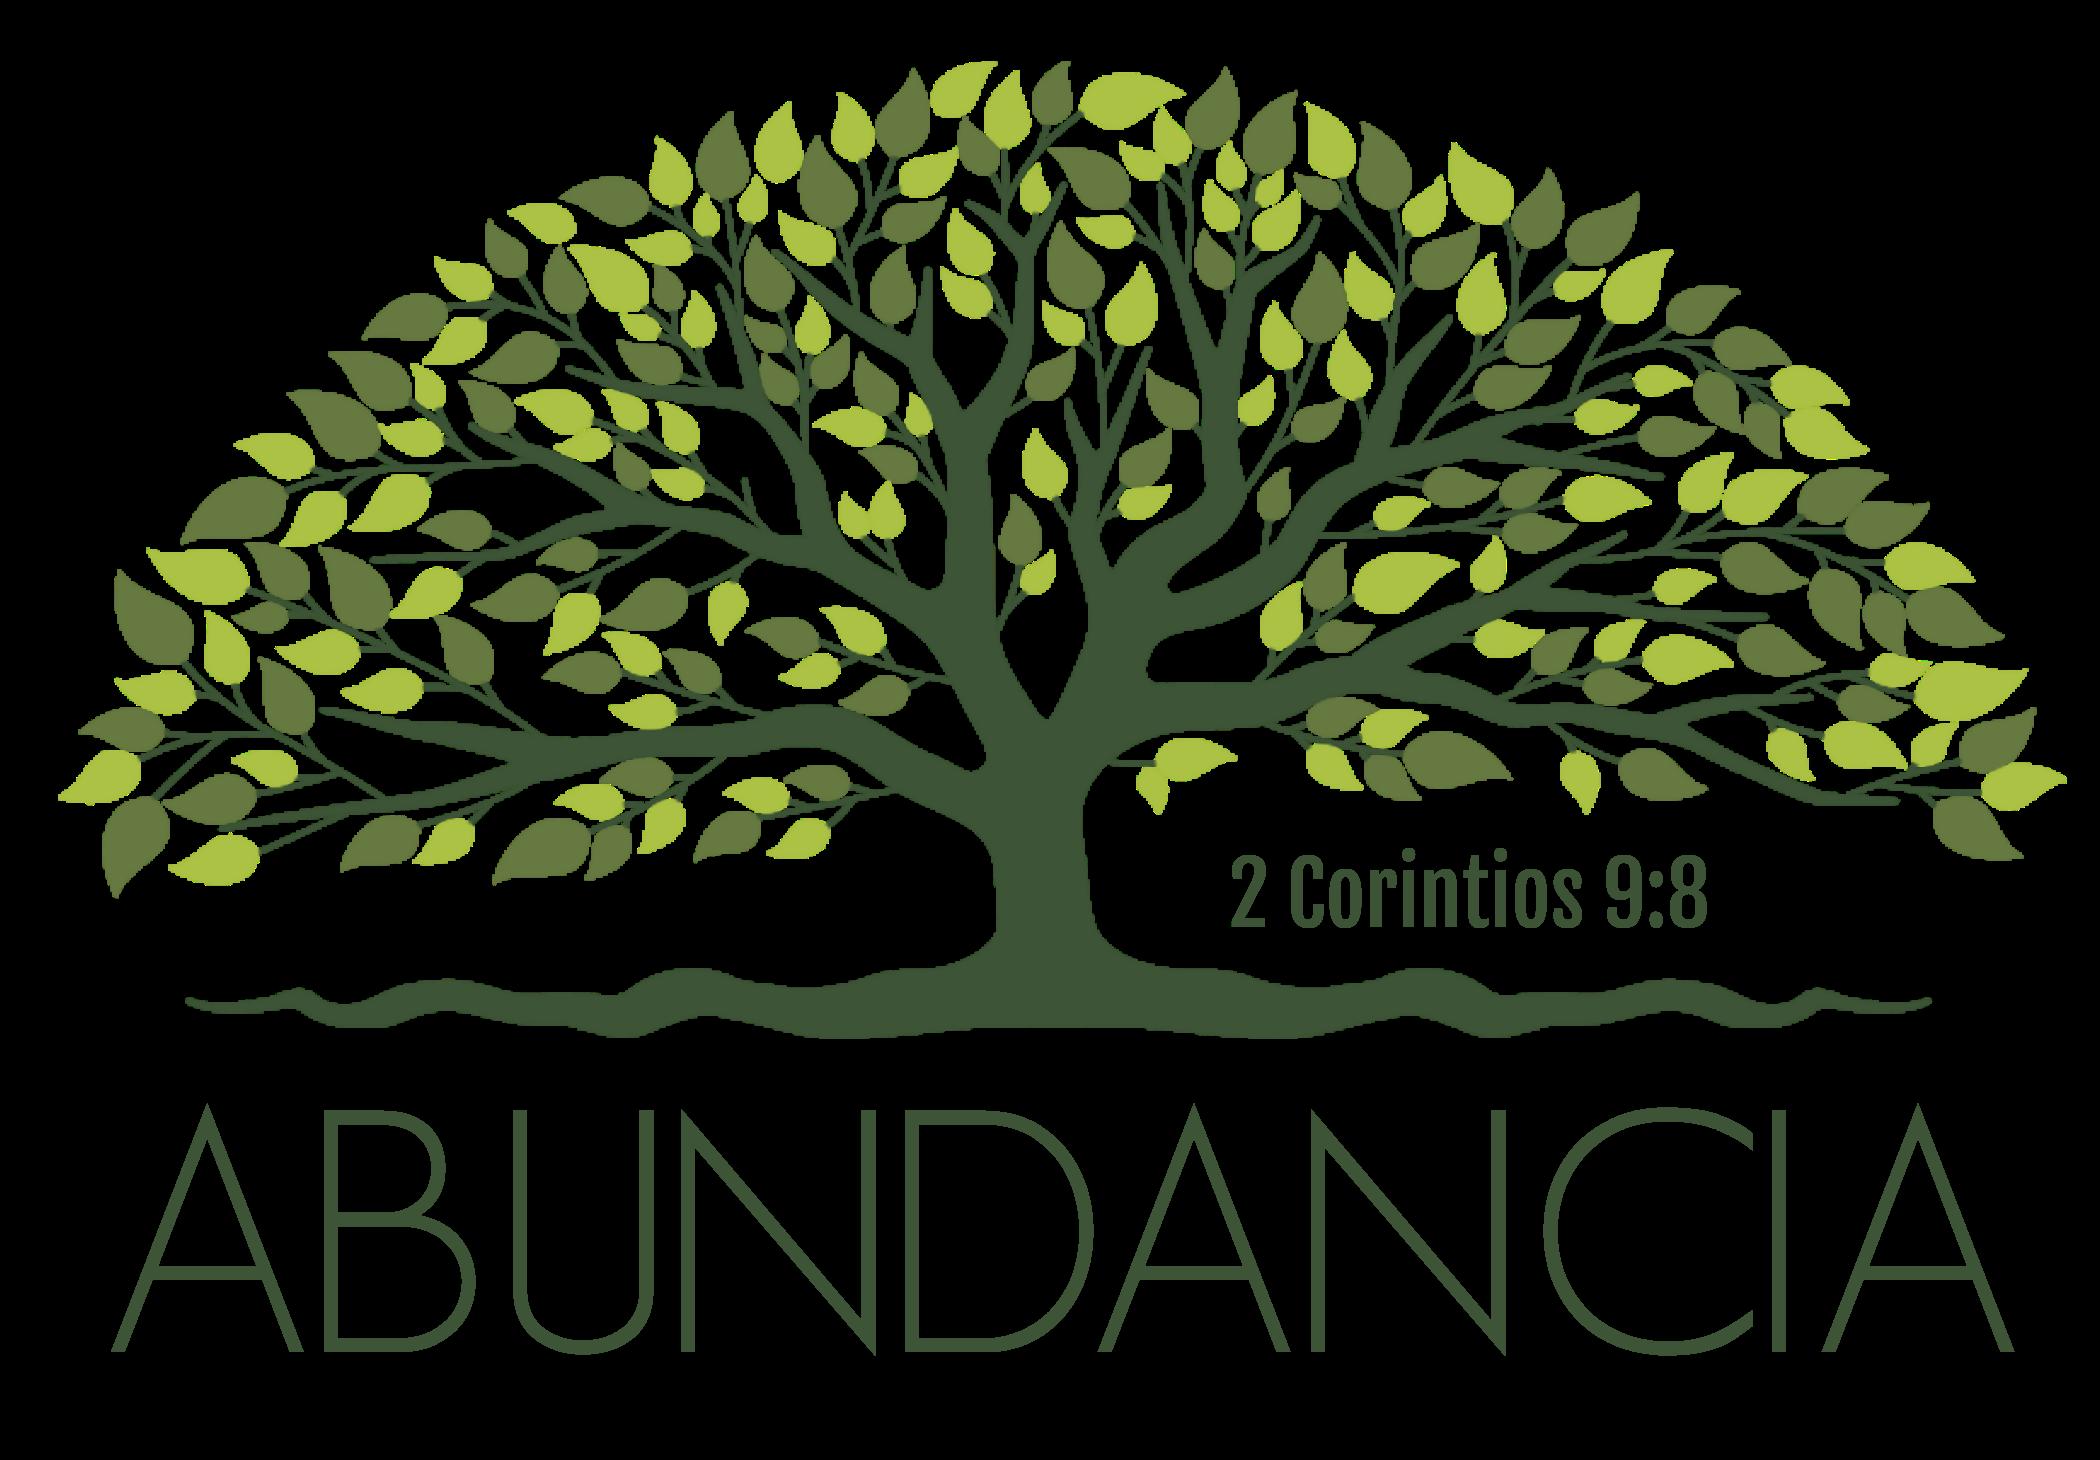 Abundancia - Transparent - 2000x.png